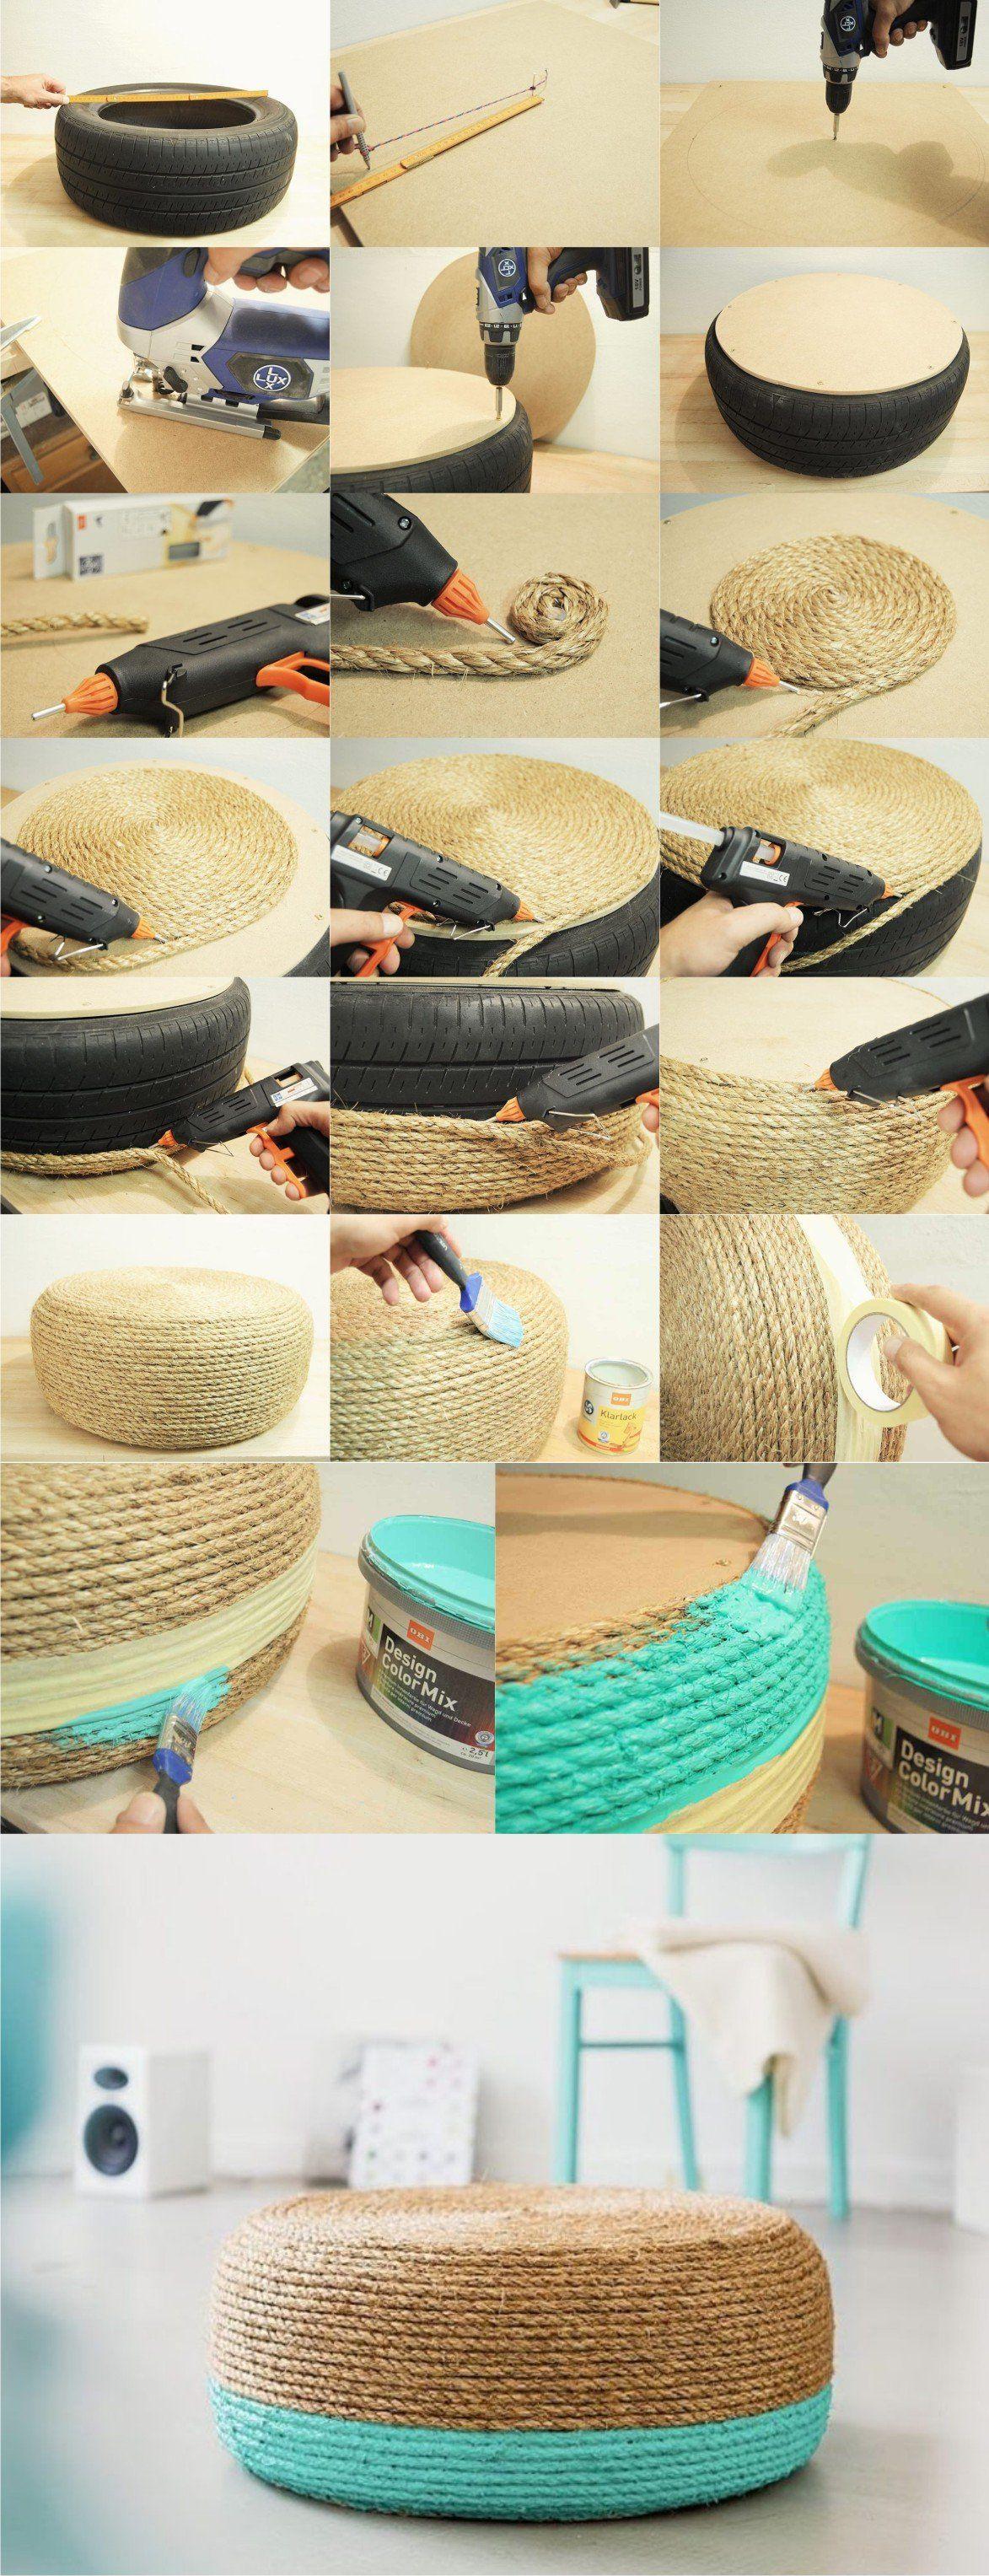 puf diy con cuerda y reciclando neum tico selber machen. Black Bedroom Furniture Sets. Home Design Ideas